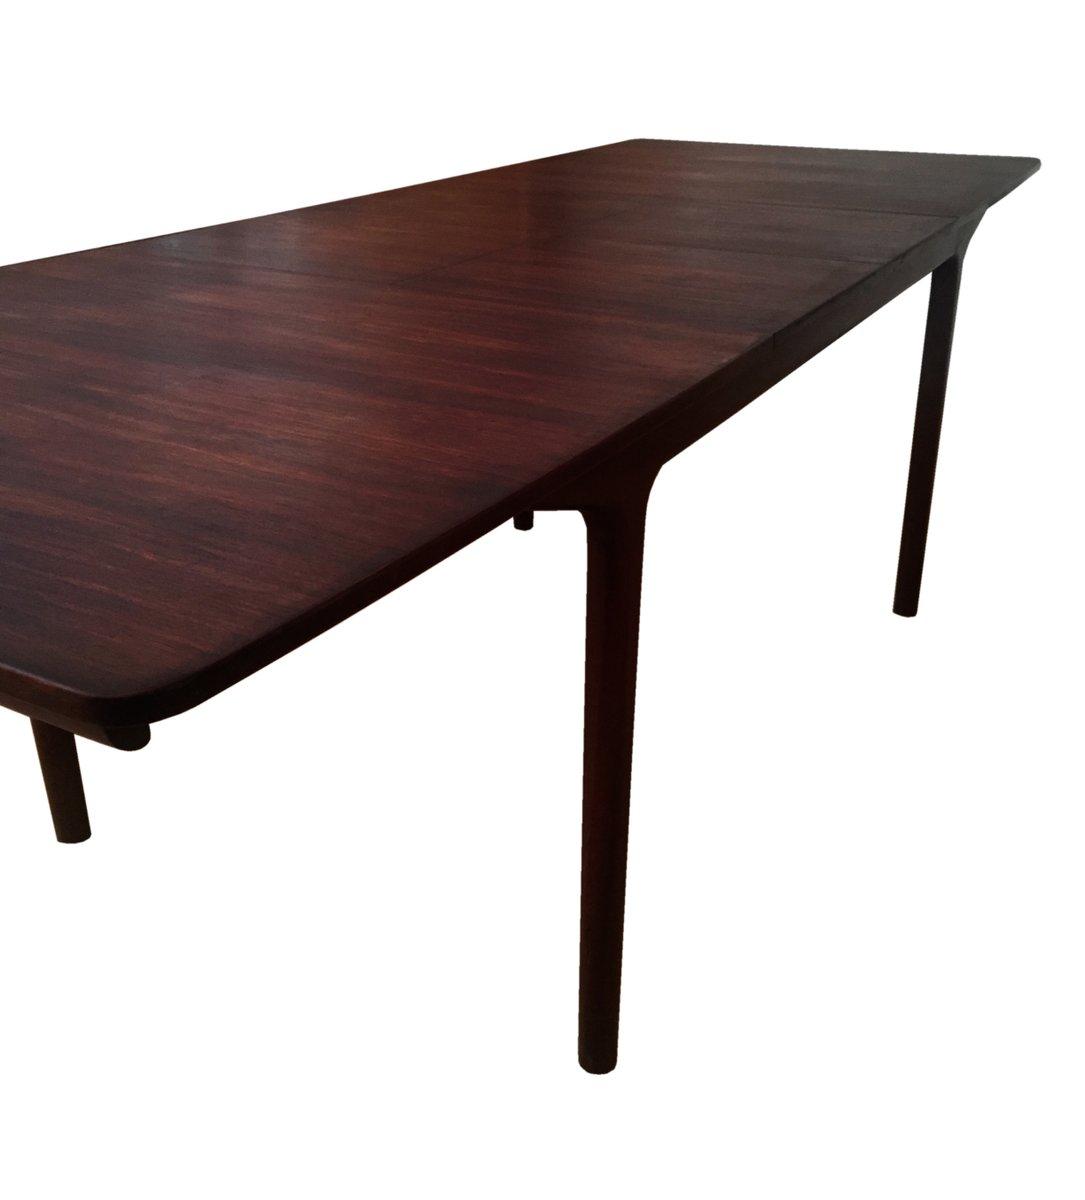 gro er mid century 12 sitzer palisander esstisch von tom robertson f r mcintosh bei pamono kaufen. Black Bedroom Furniture Sets. Home Design Ideas